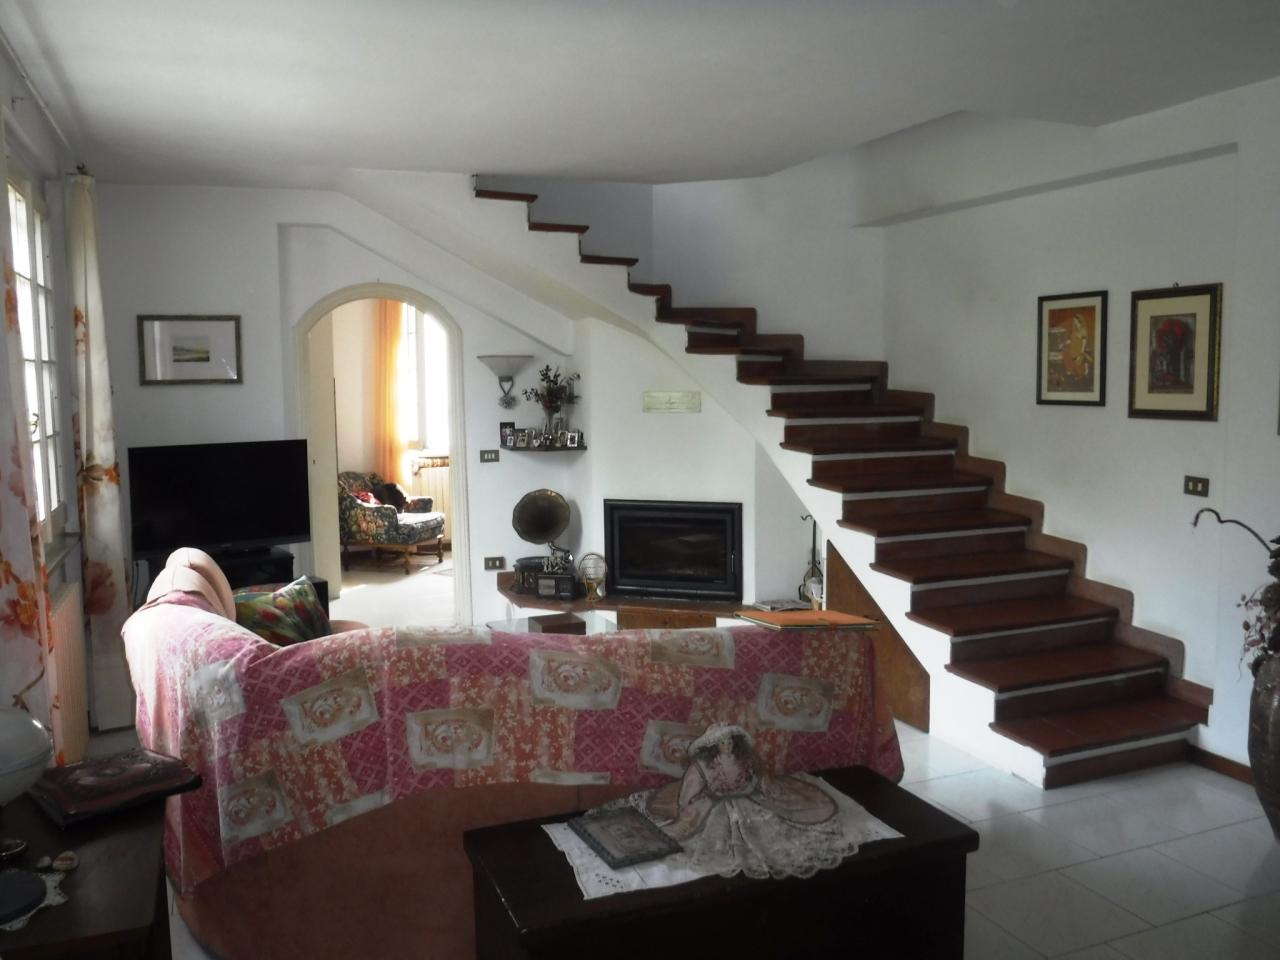 Case - Casa indipendente a San Lazzaro, Sarzana